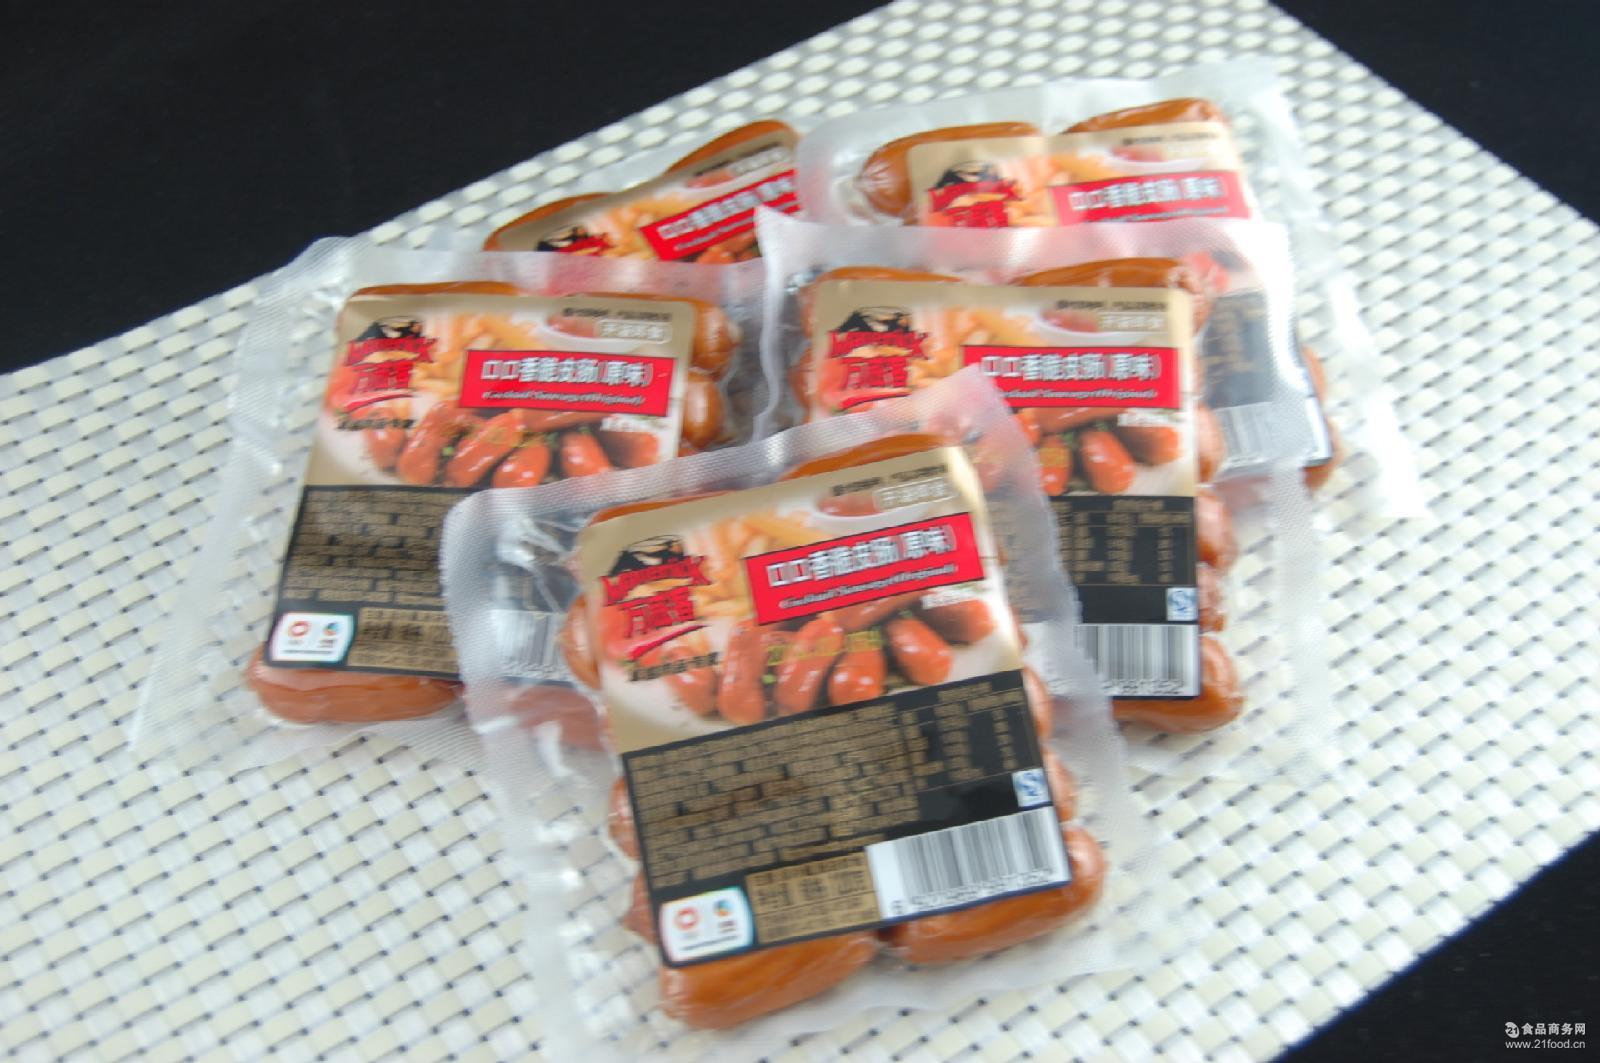 黑椒 蜜糖 芝士)120g 中粮万威客口口香脆皮香肠(原味 小香肠